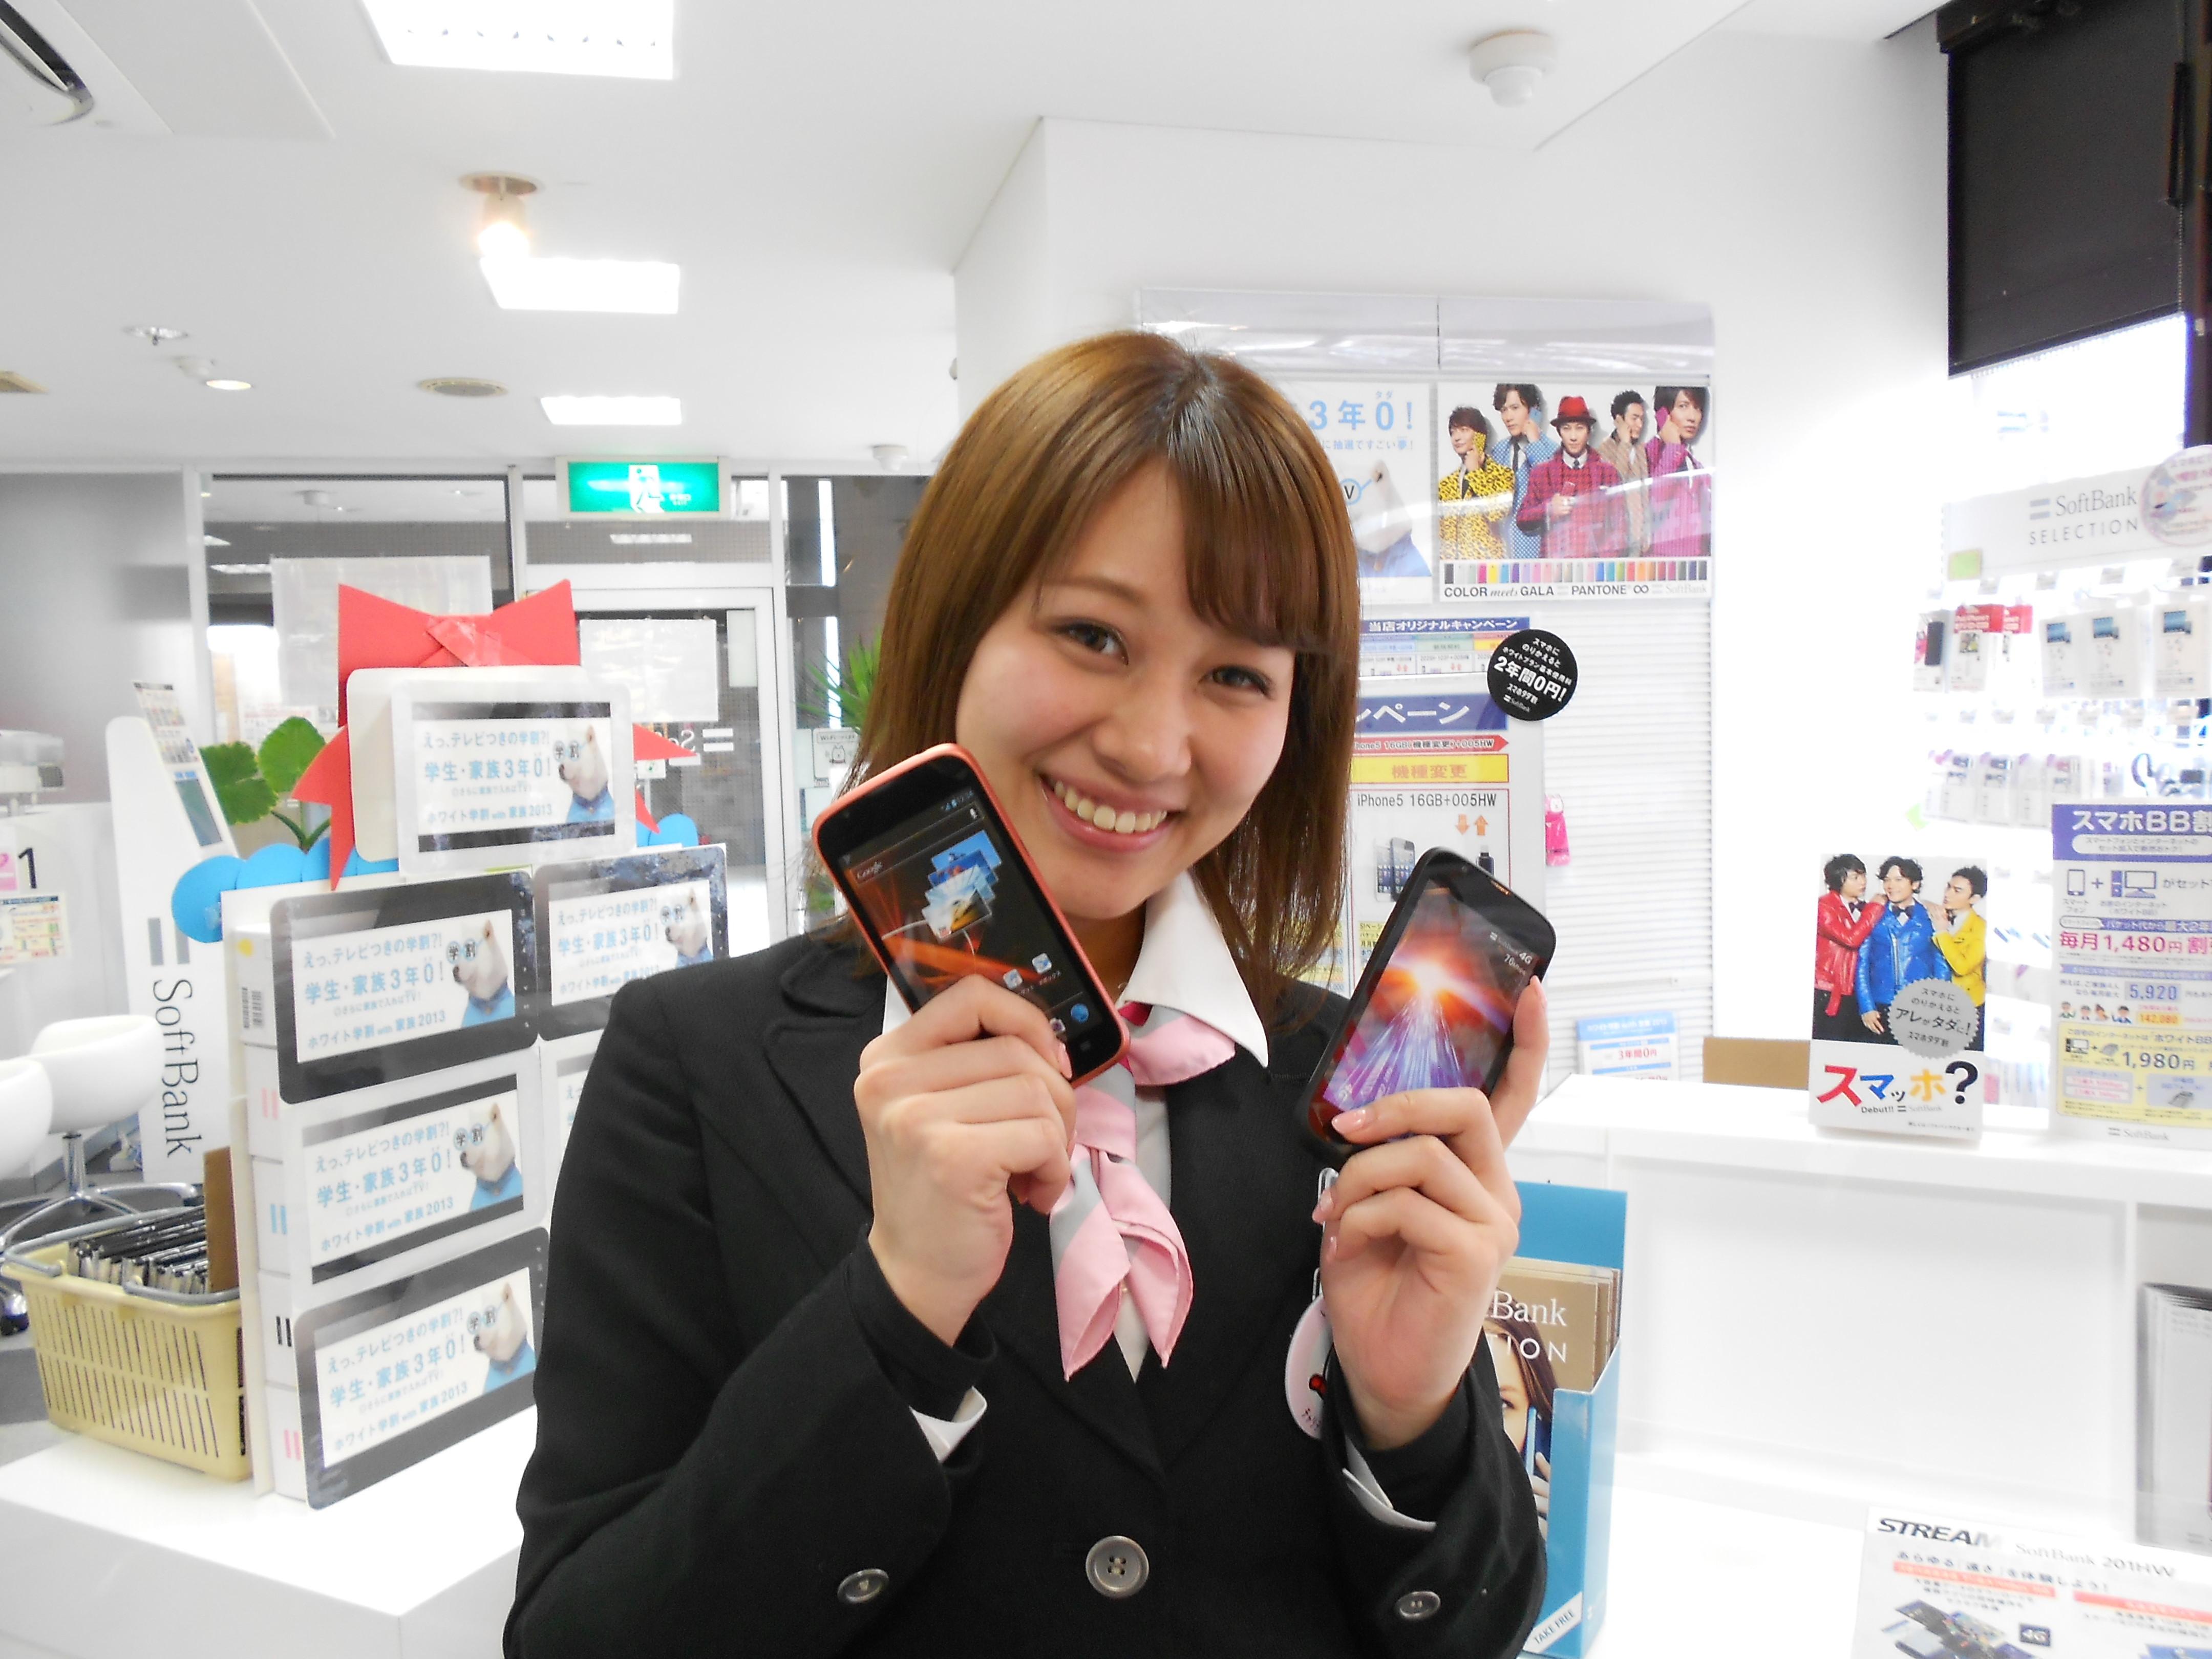 ソフトバンク 春日井篠木(株式会社シエロ)のアルバイト情報